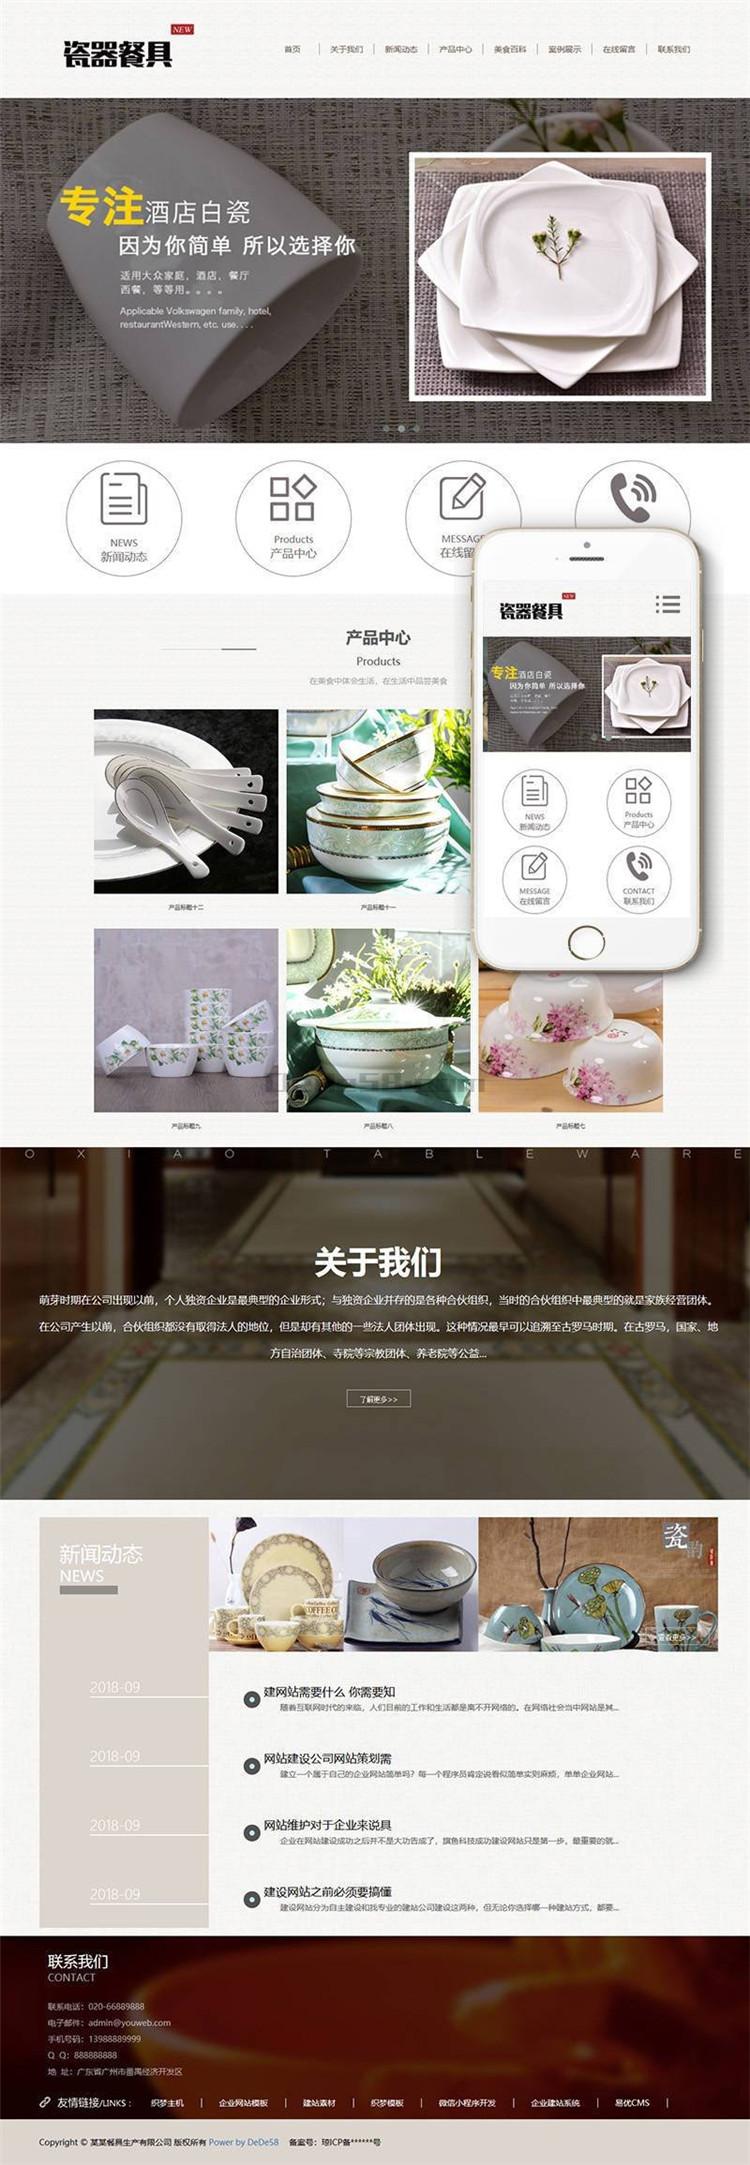 爱上源码网文章dede模板营销型响应式餐具类网站织梦模板(自适应手机端)整站源码的内容插图